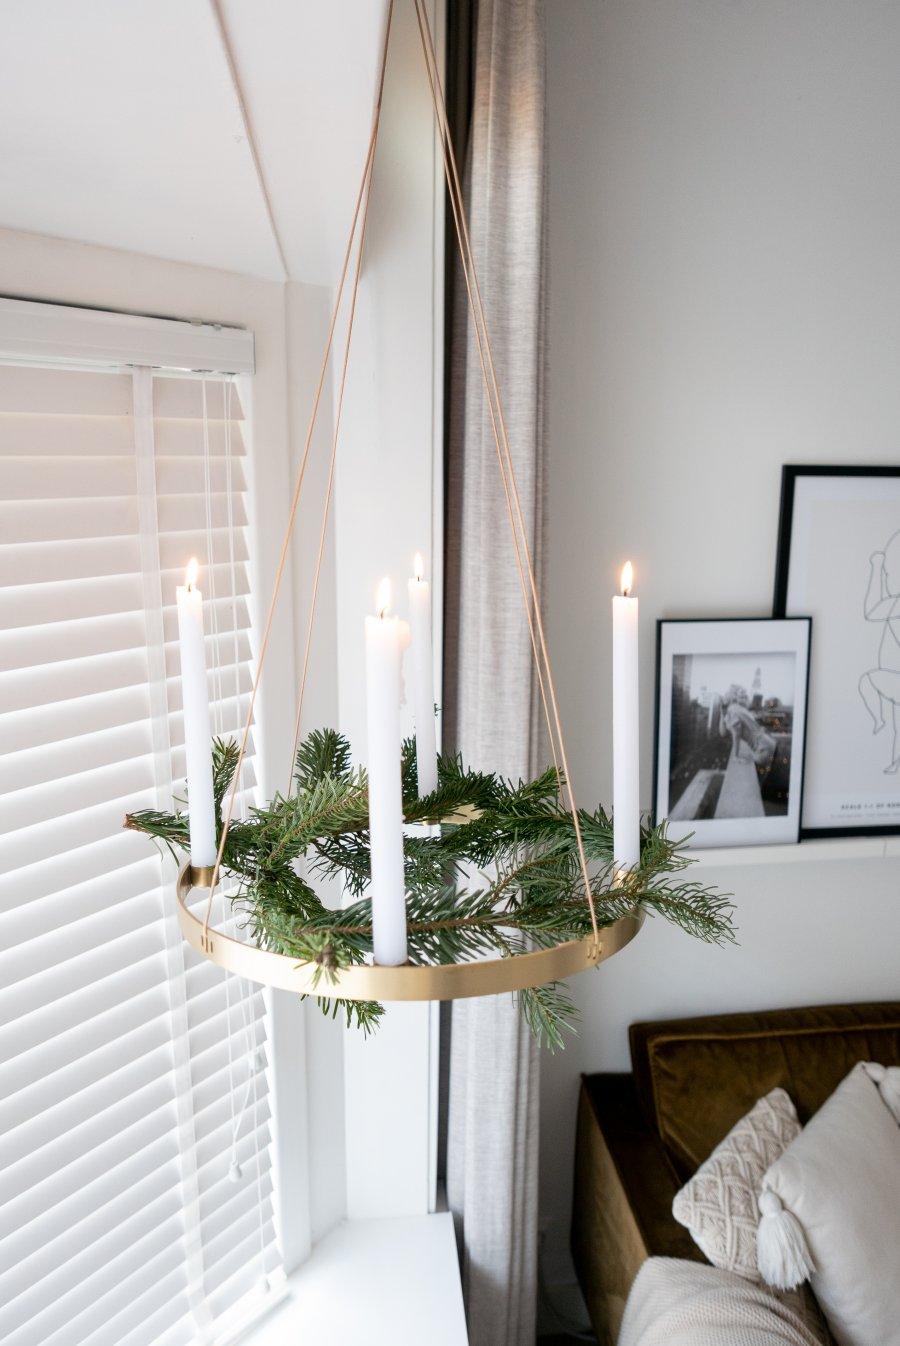 Interieur Ideeen Voor Kerst.3x Maak Je Huis Klaar Voor Kerst Giveaway